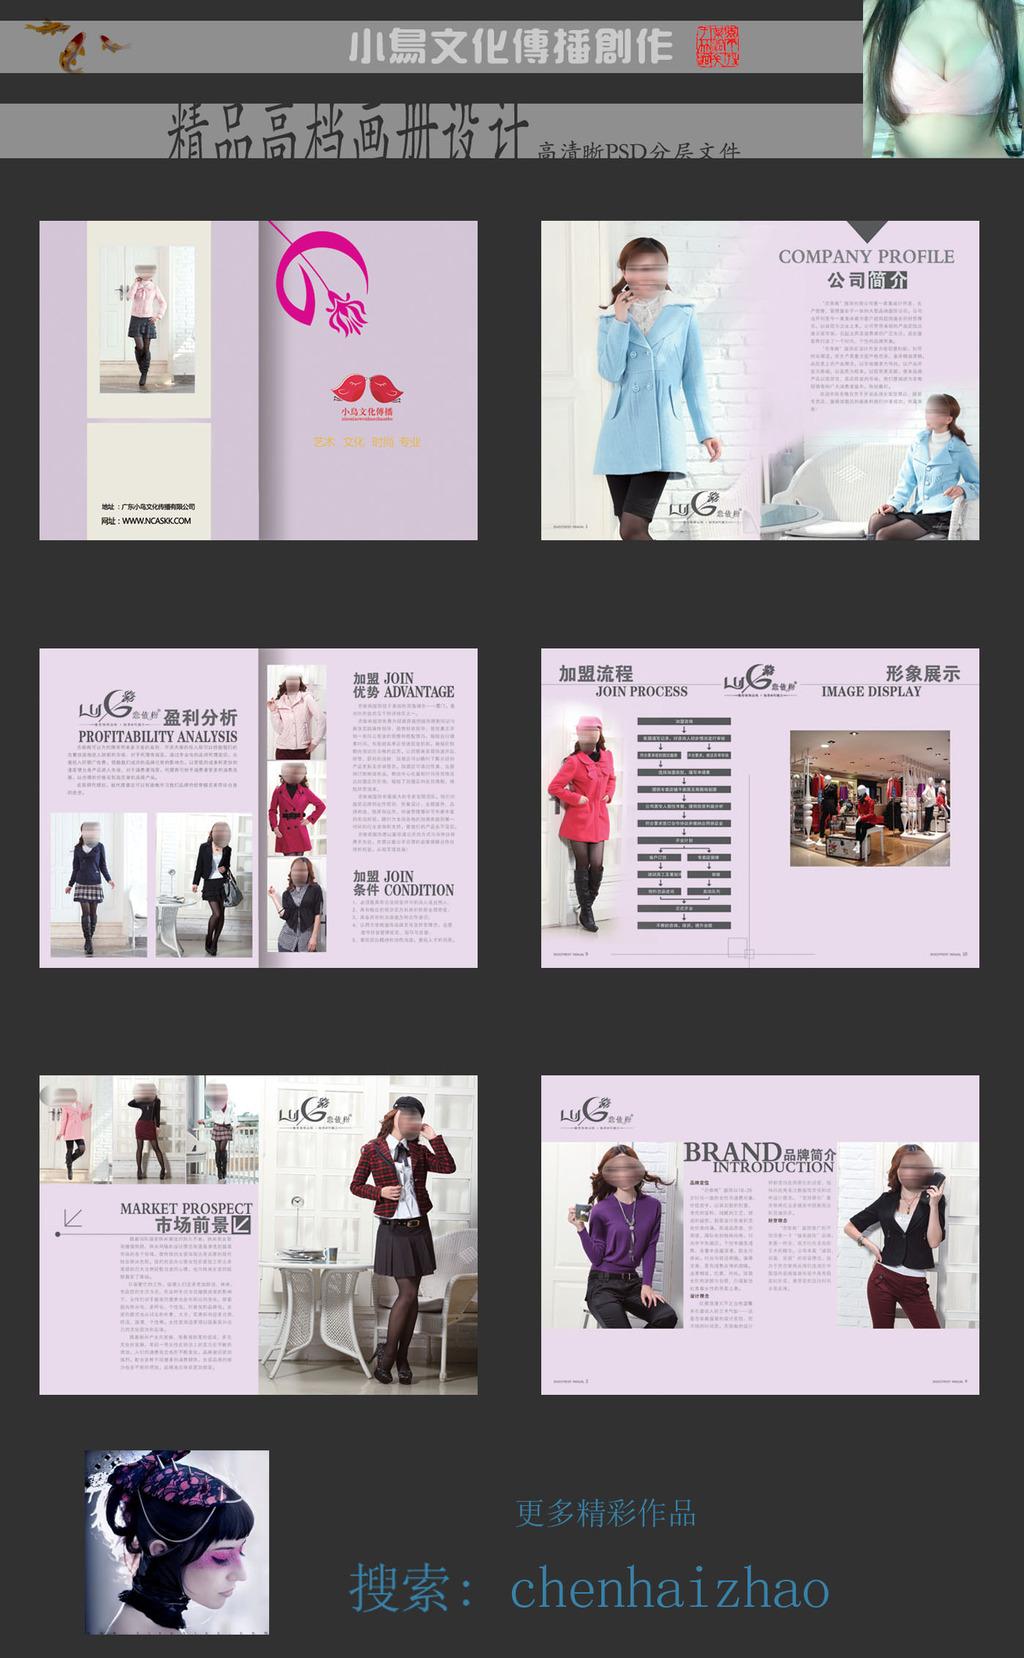 品牌服装公司宣传广告画册模板下载(图片编号:)_企业